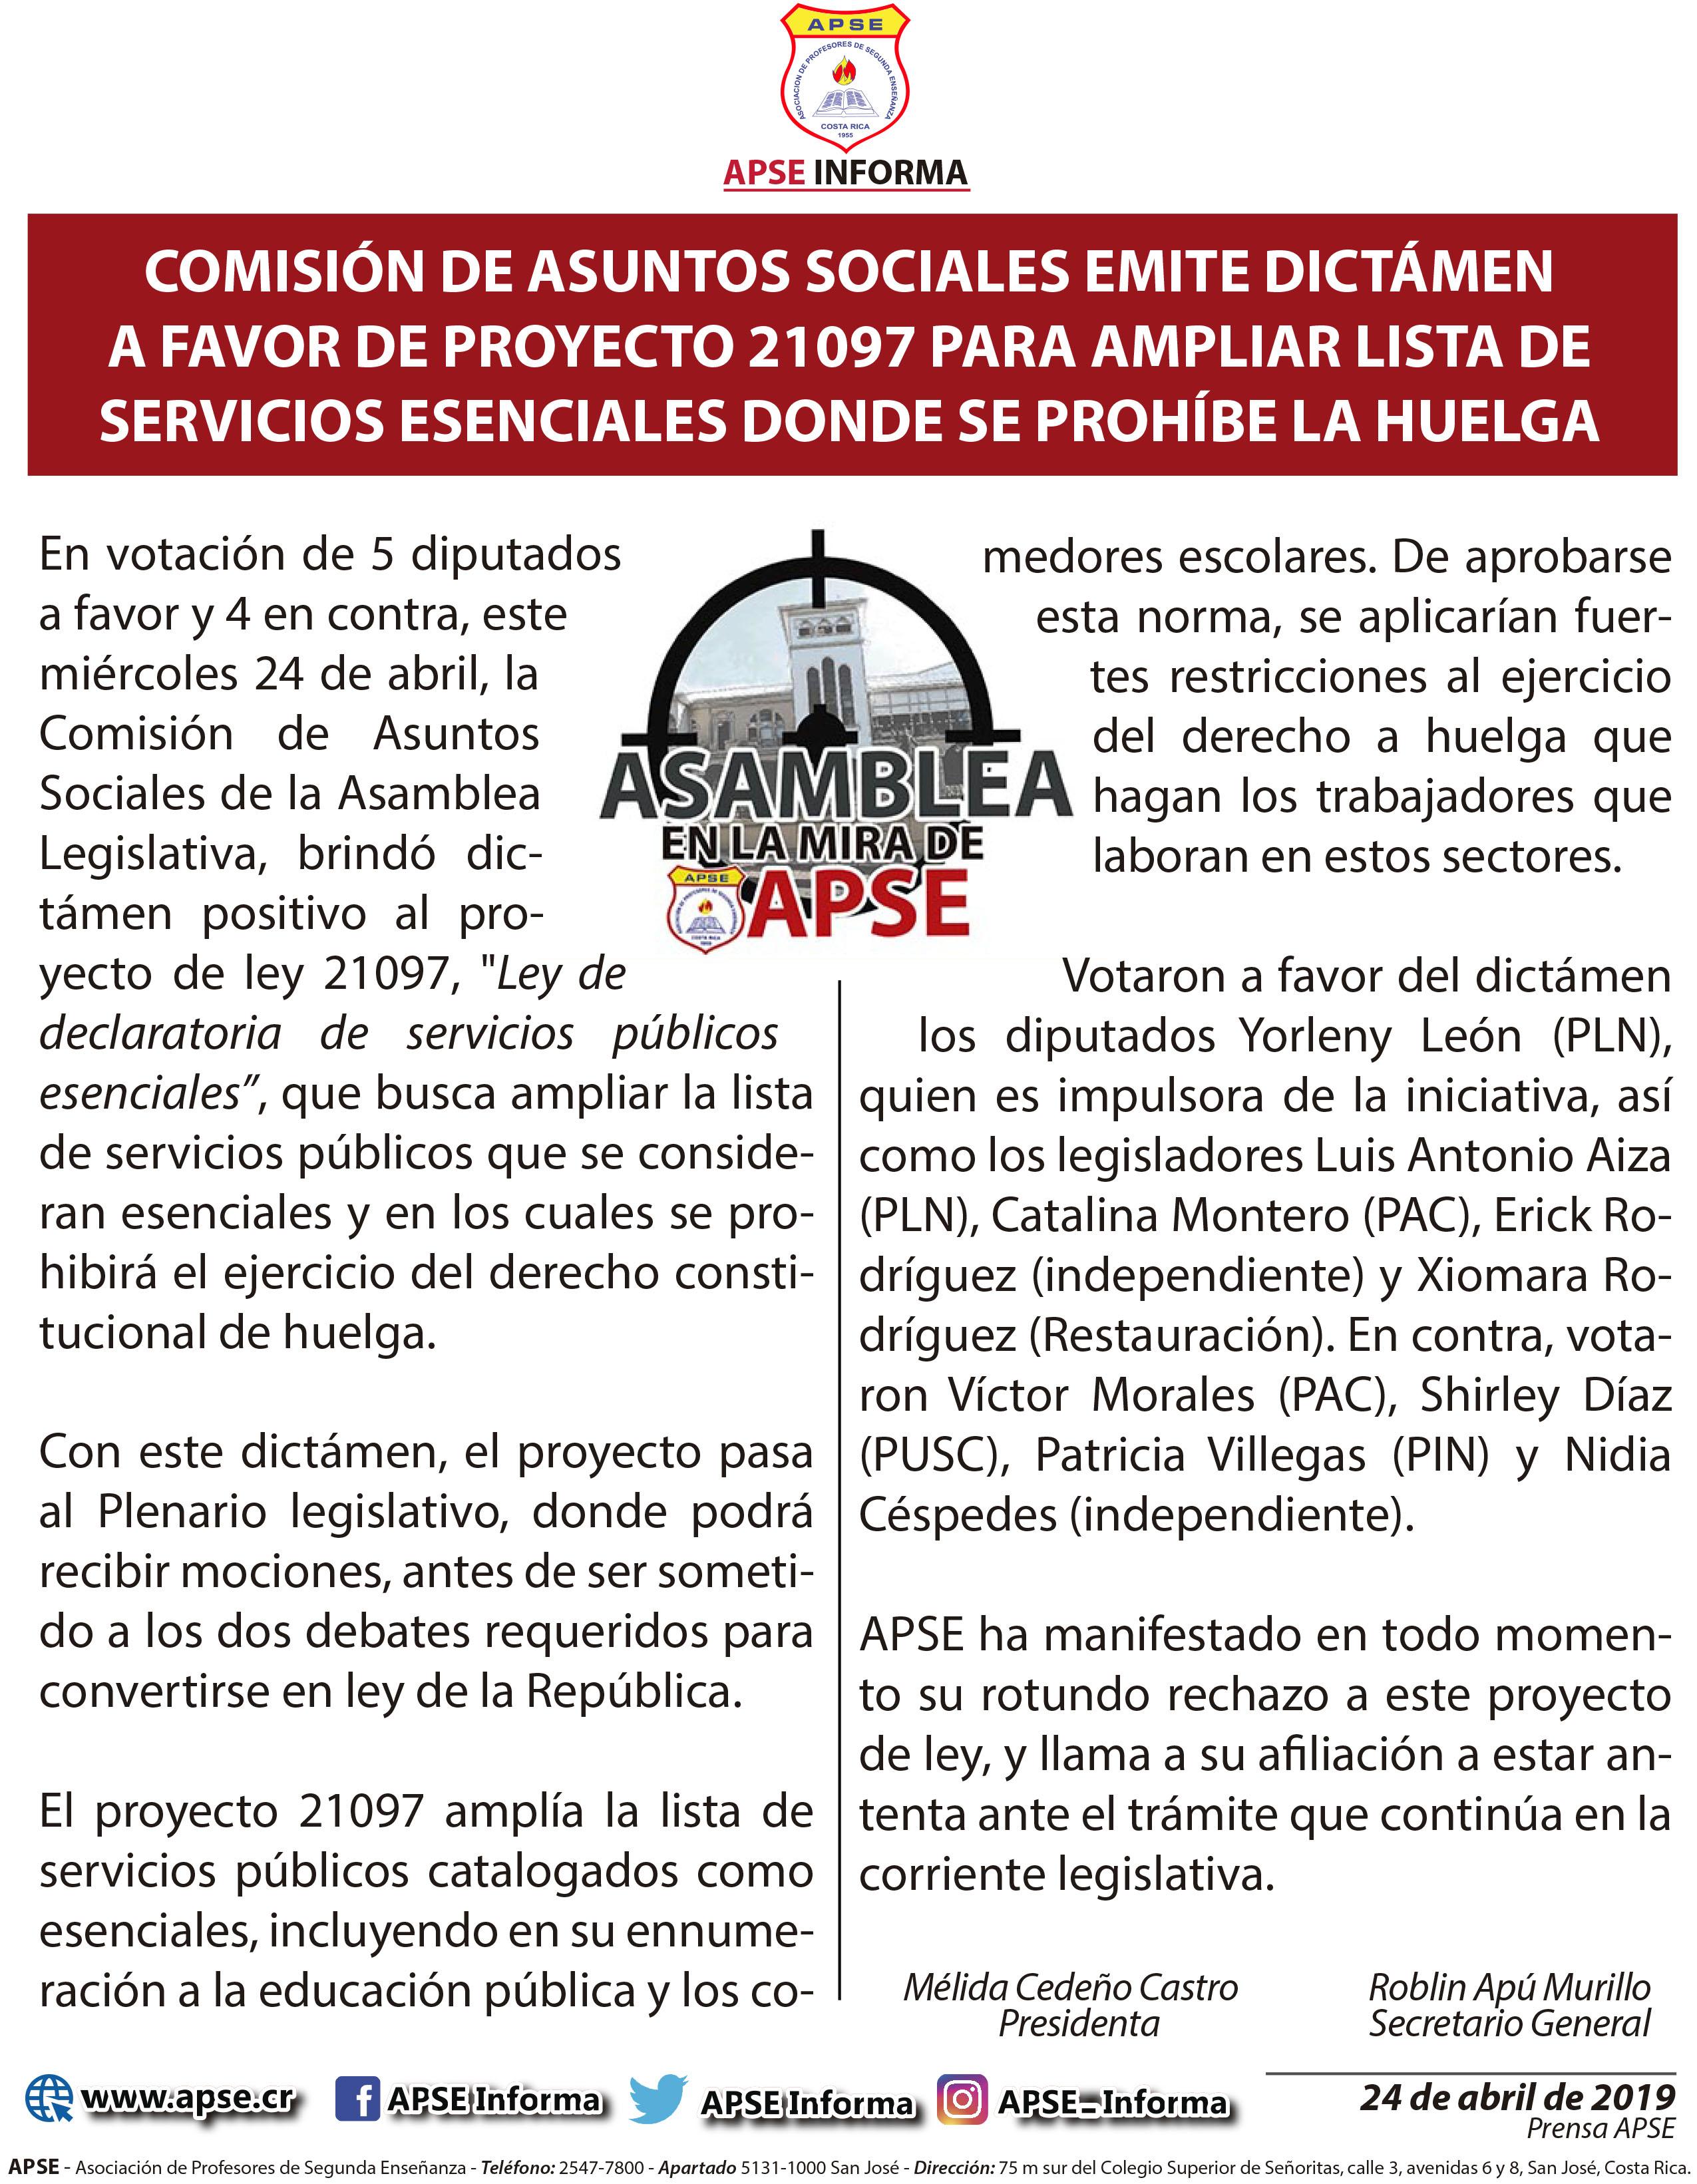 COMISIÓN DE ASUNTOS SOCIALES EMITE DICTÁMEN A FAVOR DE PROYECTO 21097 PARA AMPLIAR LISTA DE SERVICIOS ESENCIALES DONDE SE PROHÍBE LA HUELGA